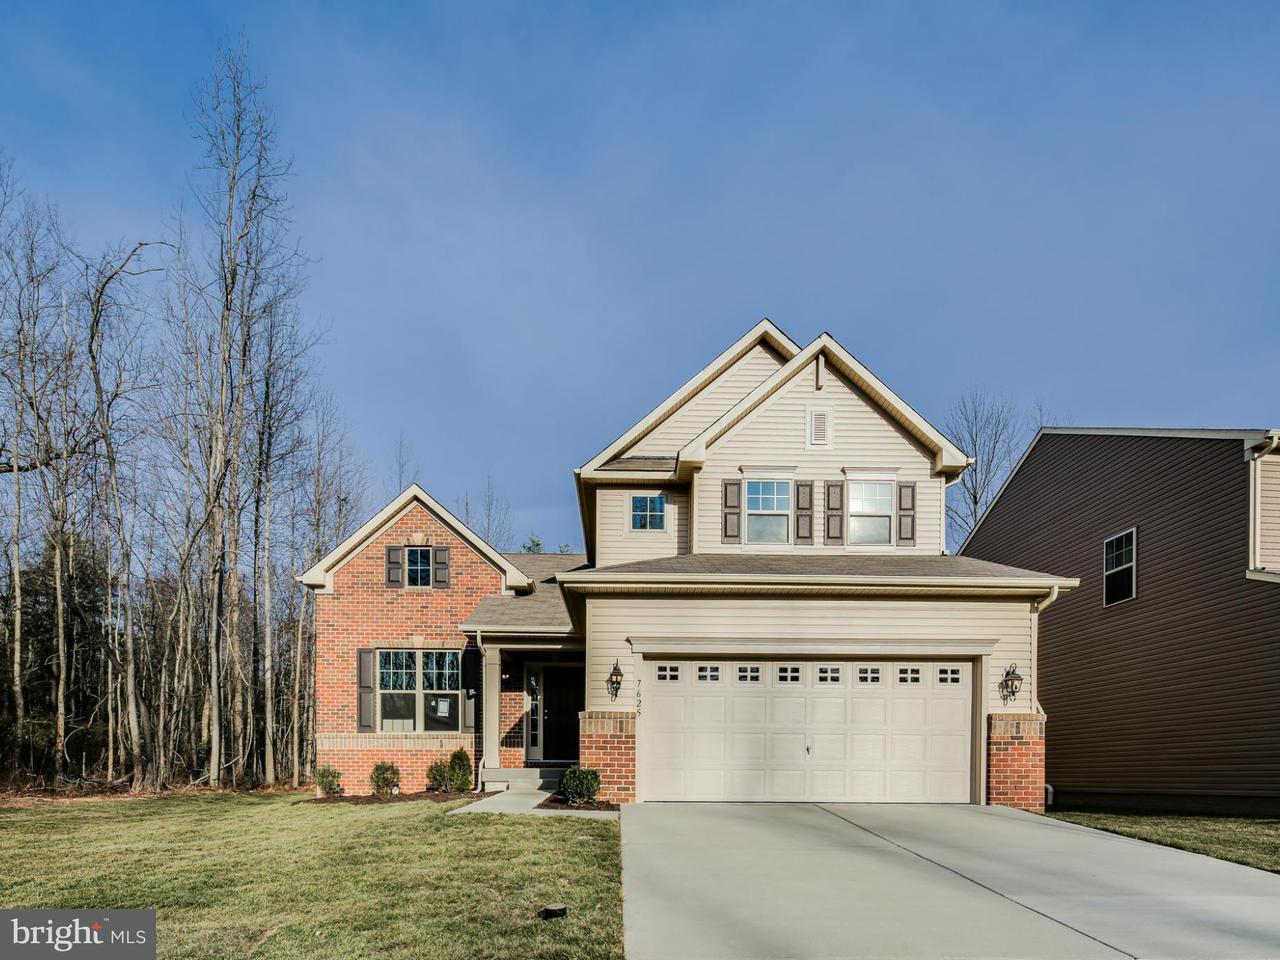 Частный односемейный дом для того Продажа на 1517 KATLA Court 1517 KATLA Court Harmans, Мэриленд 21077 Соединенные Штаты